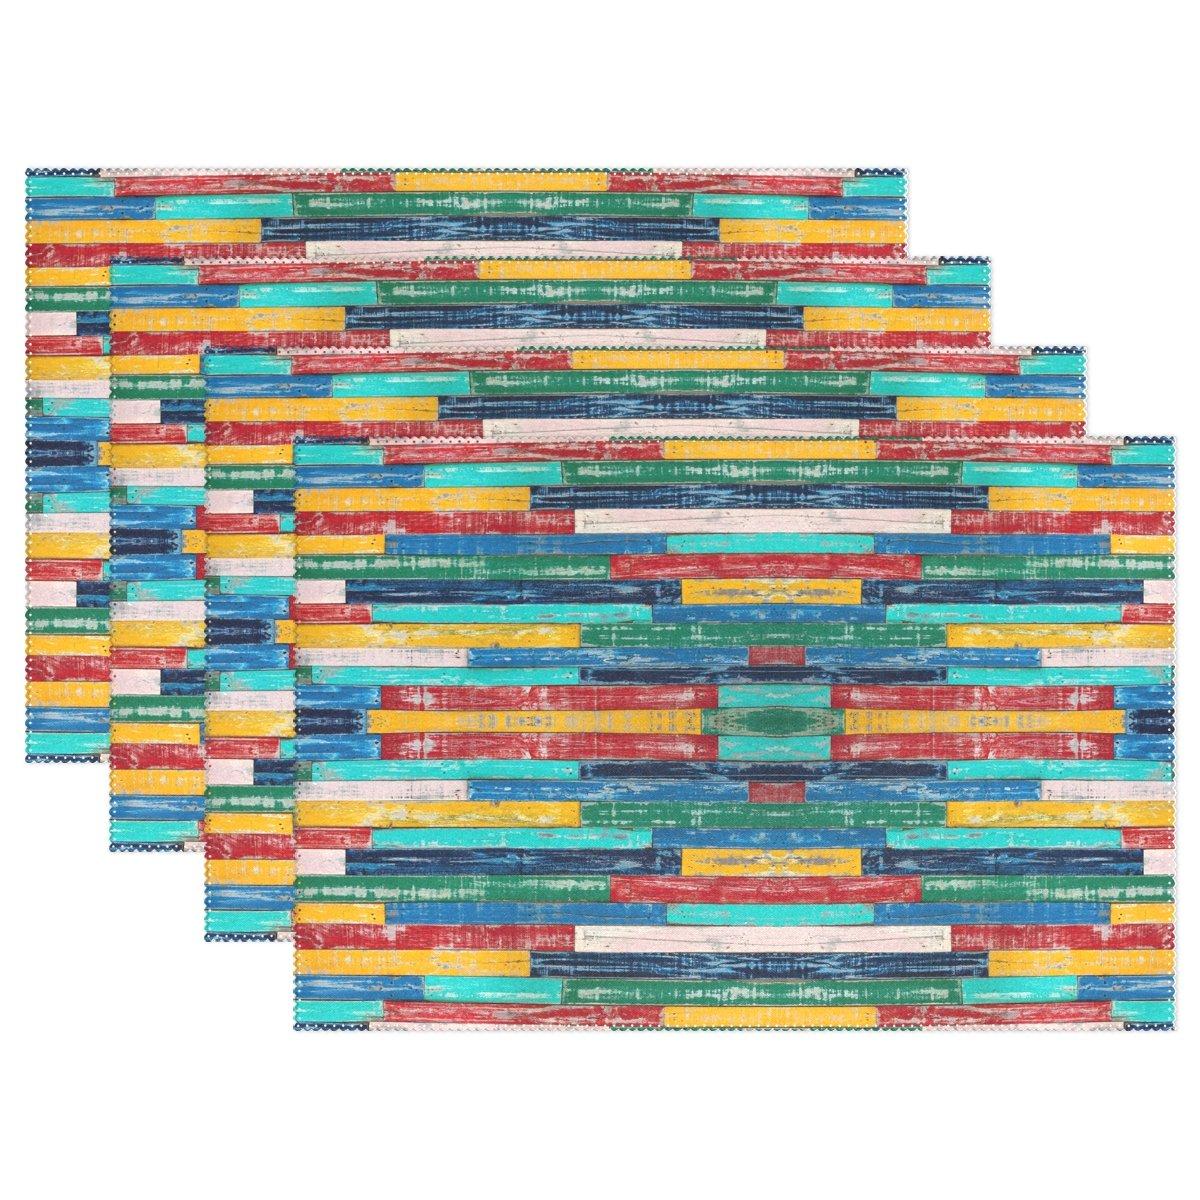 naanle木製プレースマット、カラフルな木製耐熱Washableテーブルデコレーションを配置用マットキッチンダイニングテーブル 12*18inch 1211338p145c160s252 6 マルチカラー B07588JJ9M